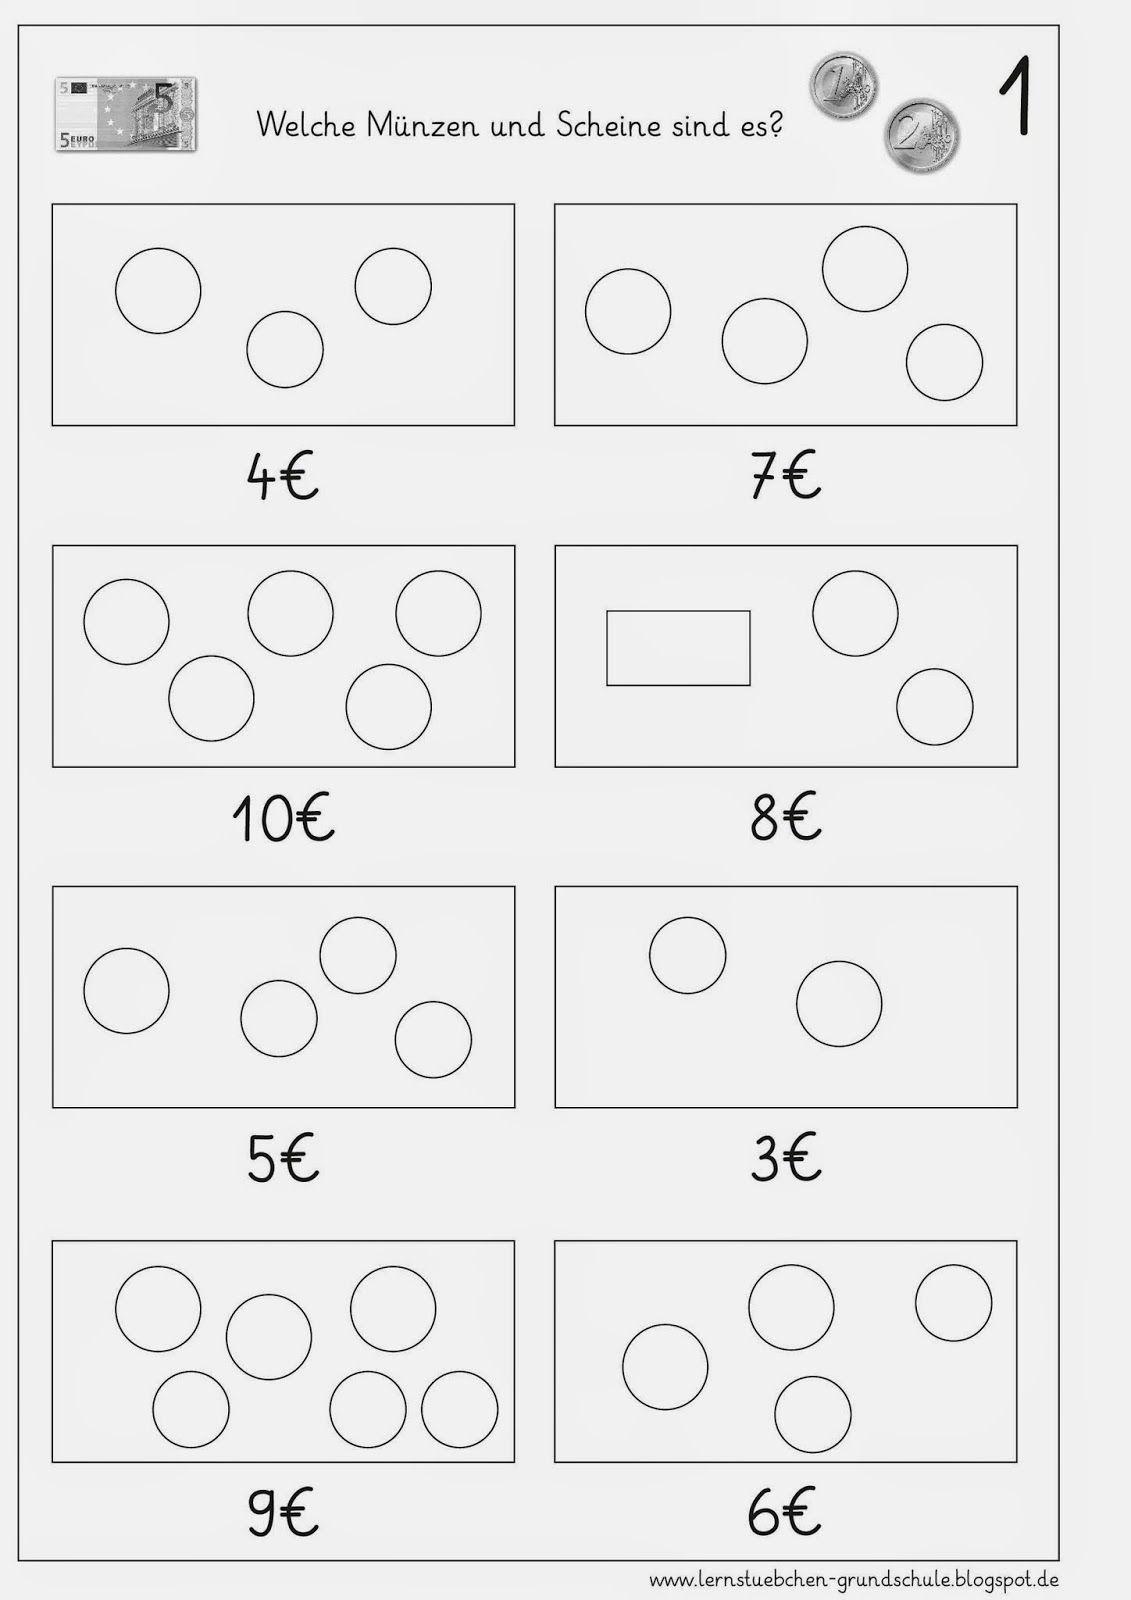 geldbetr ge nach vorgaben legen mathe unterrichten geld und rechnen mit geld. Black Bedroom Furniture Sets. Home Design Ideas